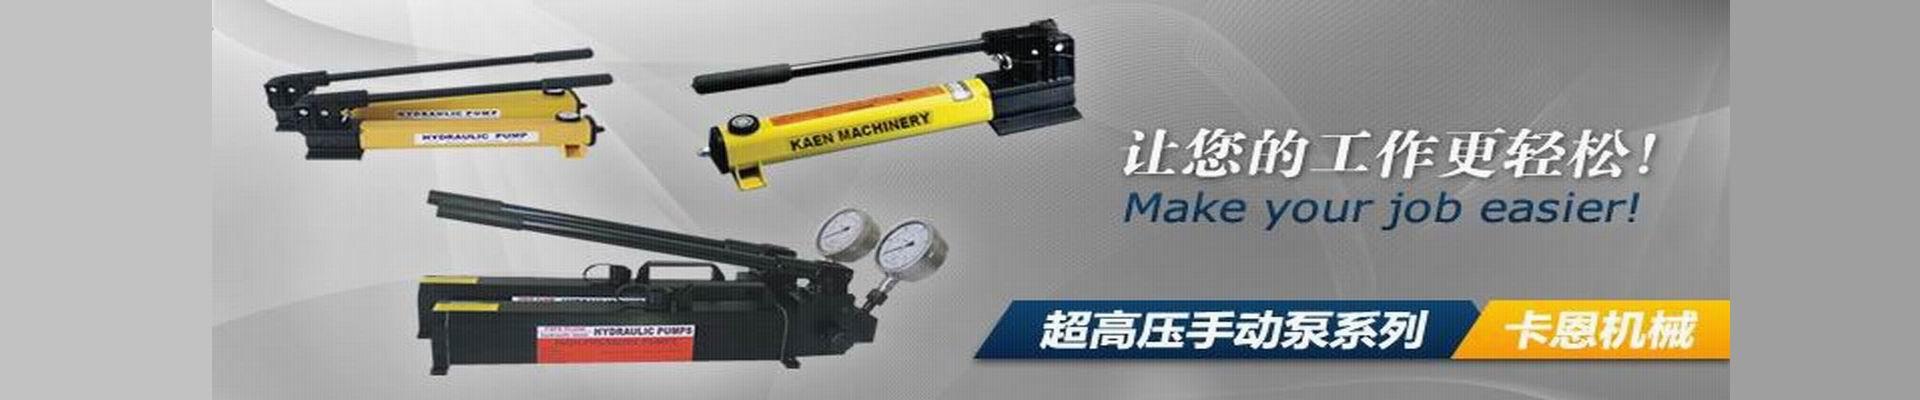 西安卡恩机械设备有限公司